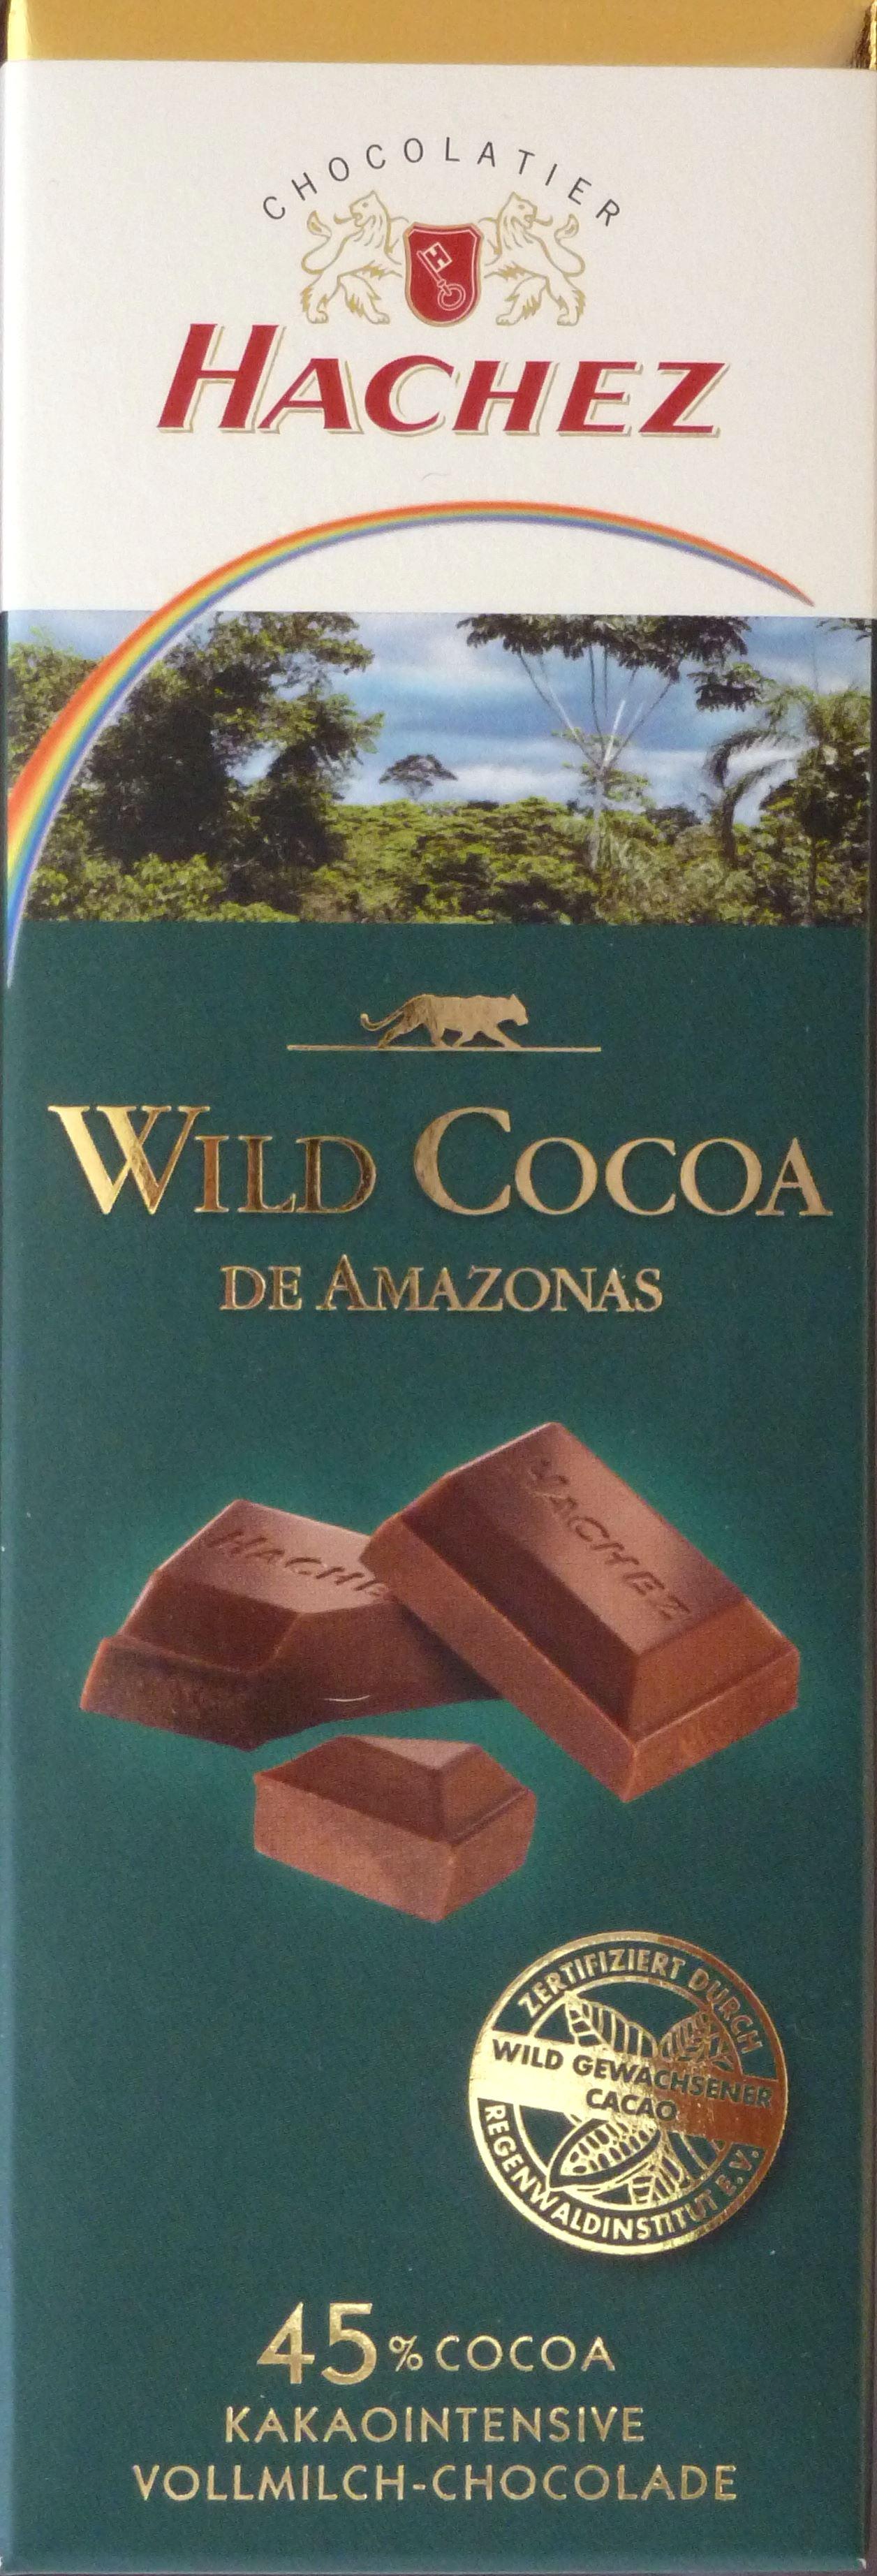 """Hachez """"Wild Cocoa de Amazonas"""" intensive Vollmilch-Chocolade"""